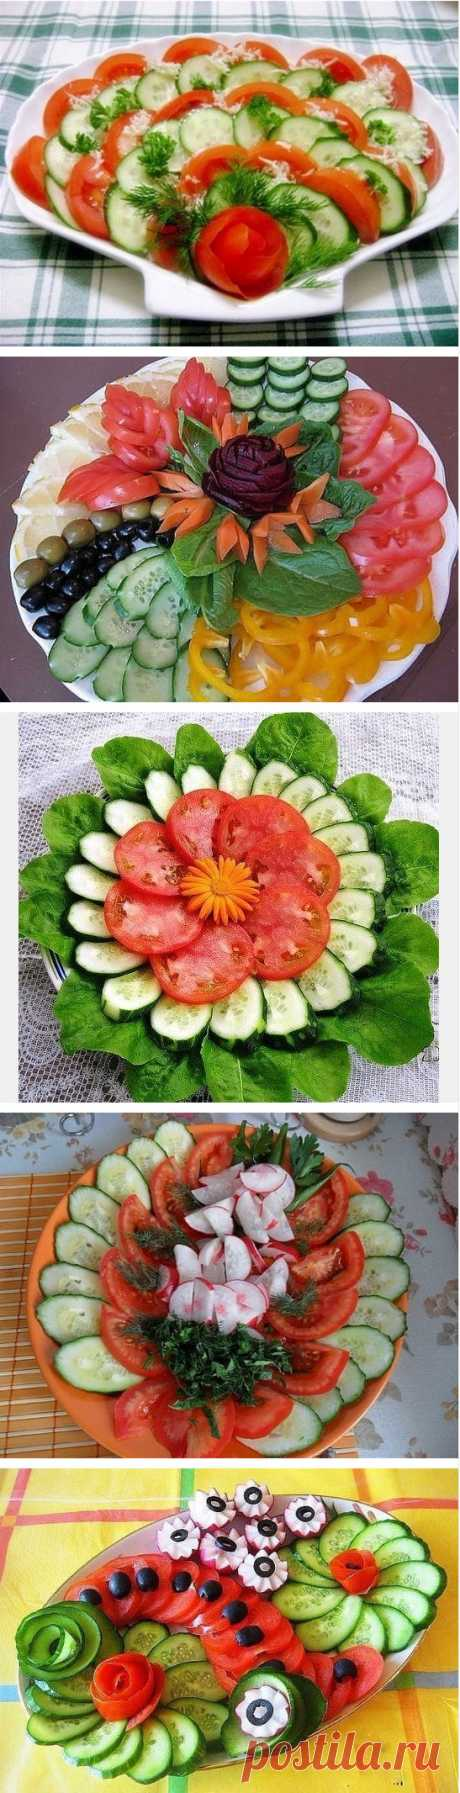 Оформление красивой овощной нарезки | Мир женщины